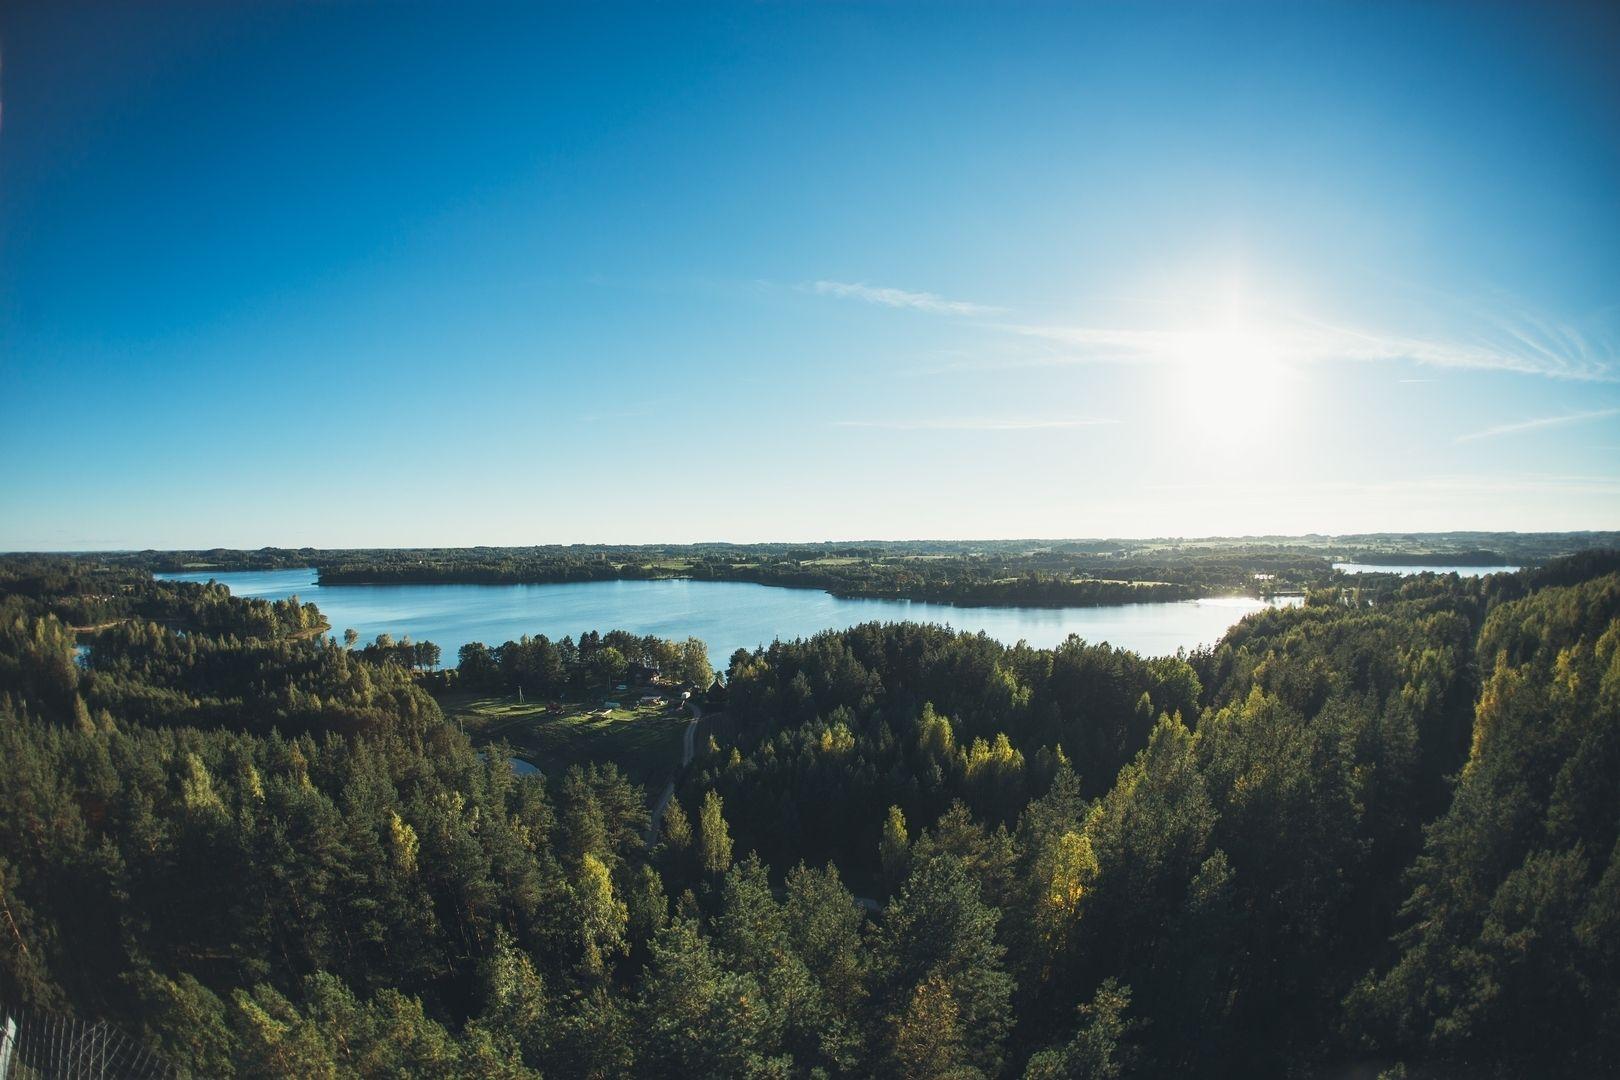 Šiliniškių (Ginučių) apžvalgos bokštas – apžvalgos aikštelė